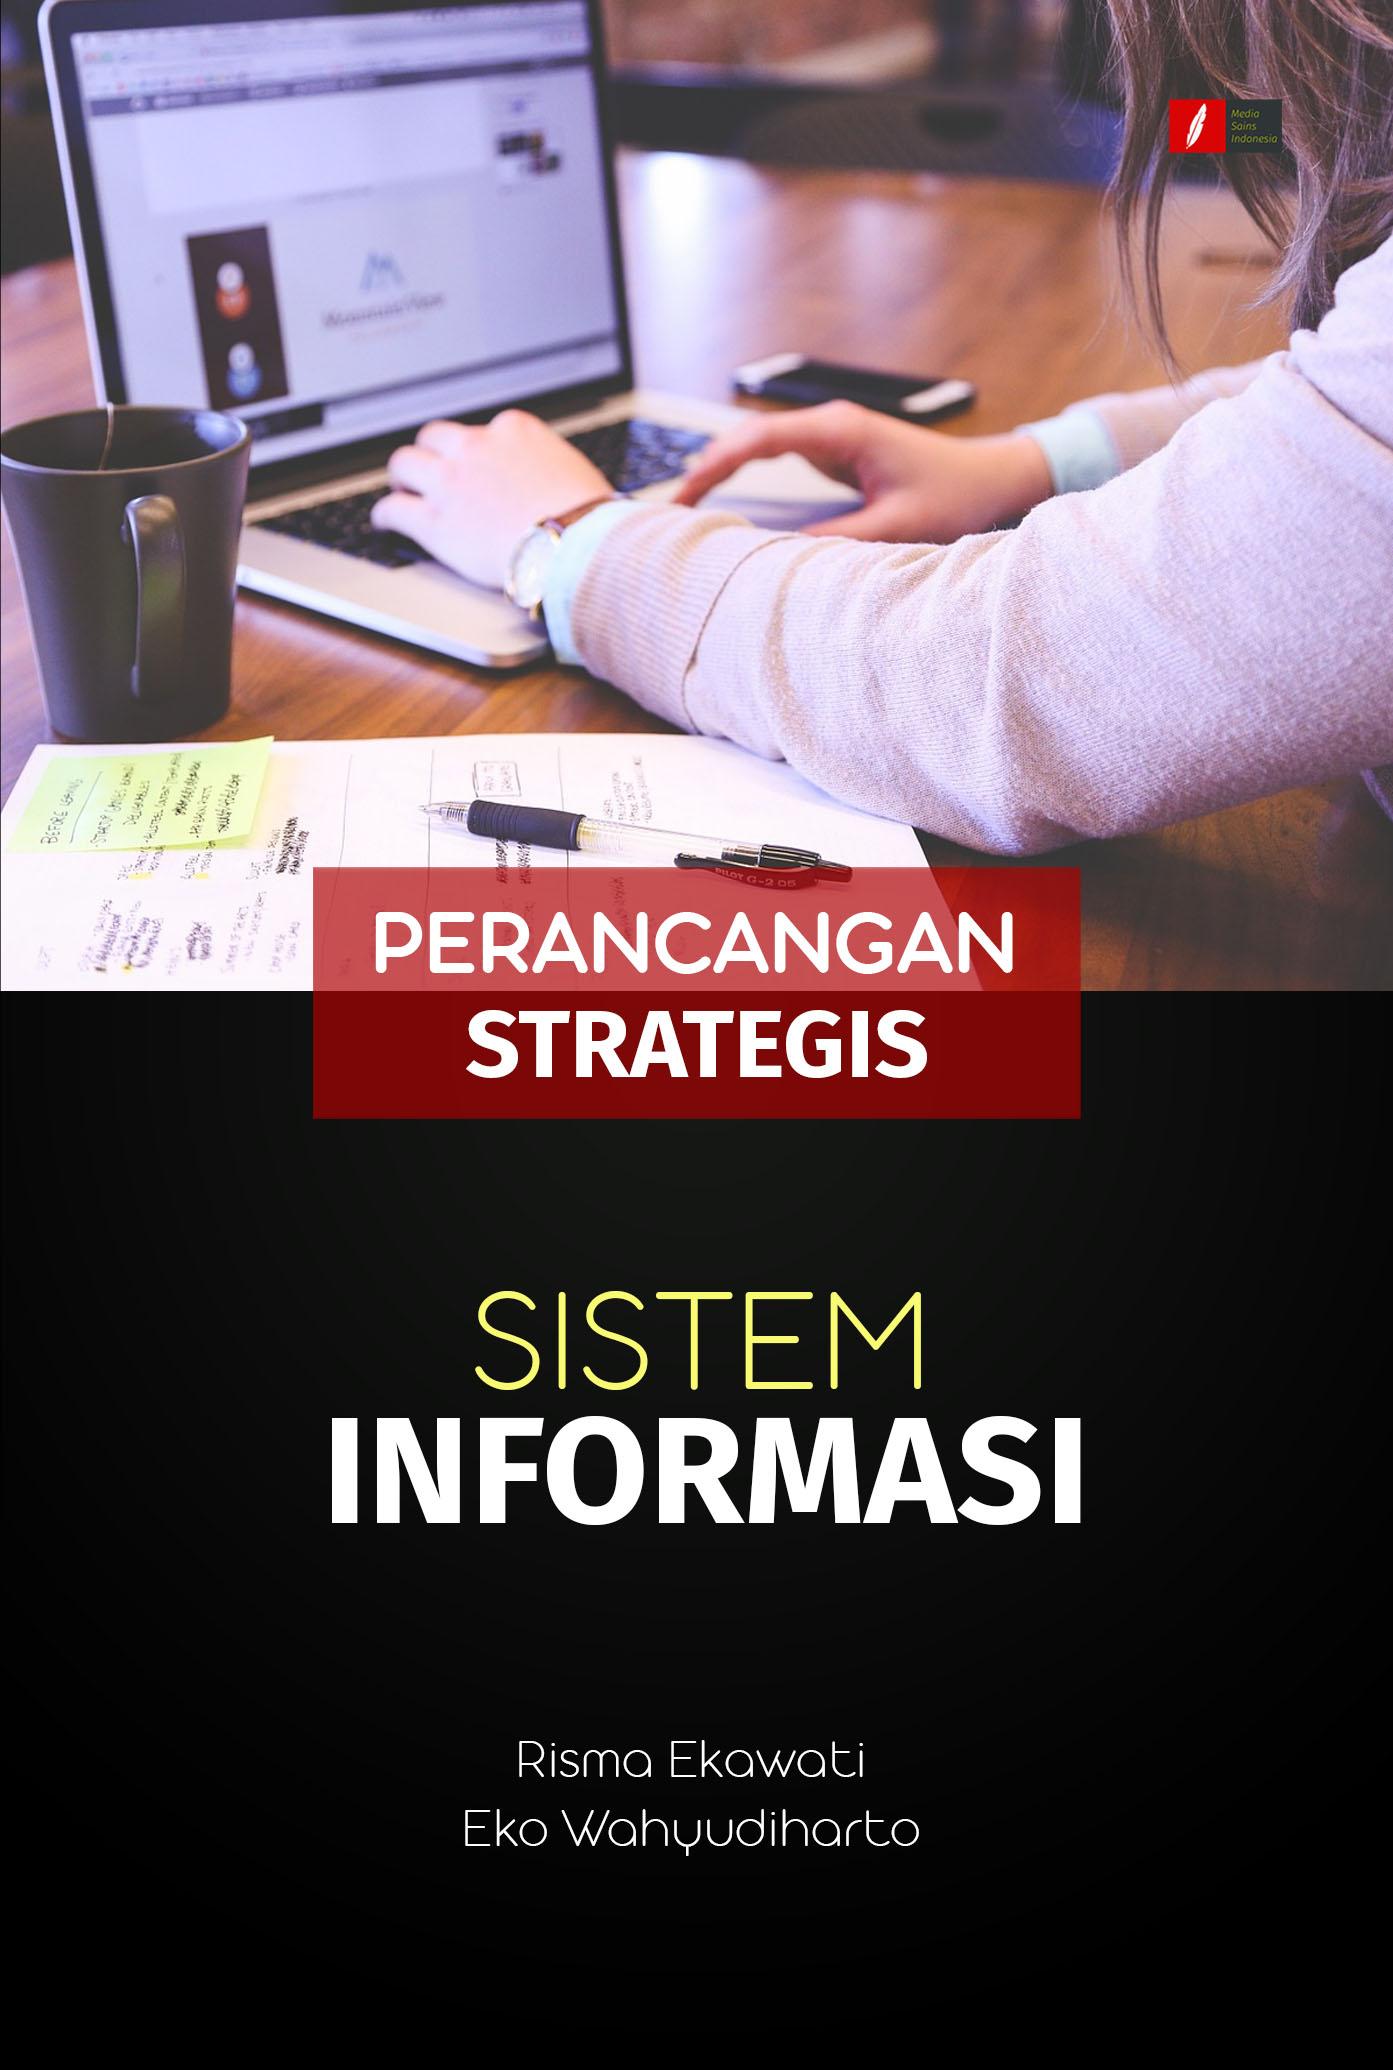 Perancangan strategis sistem informasi [sumber elektronis]